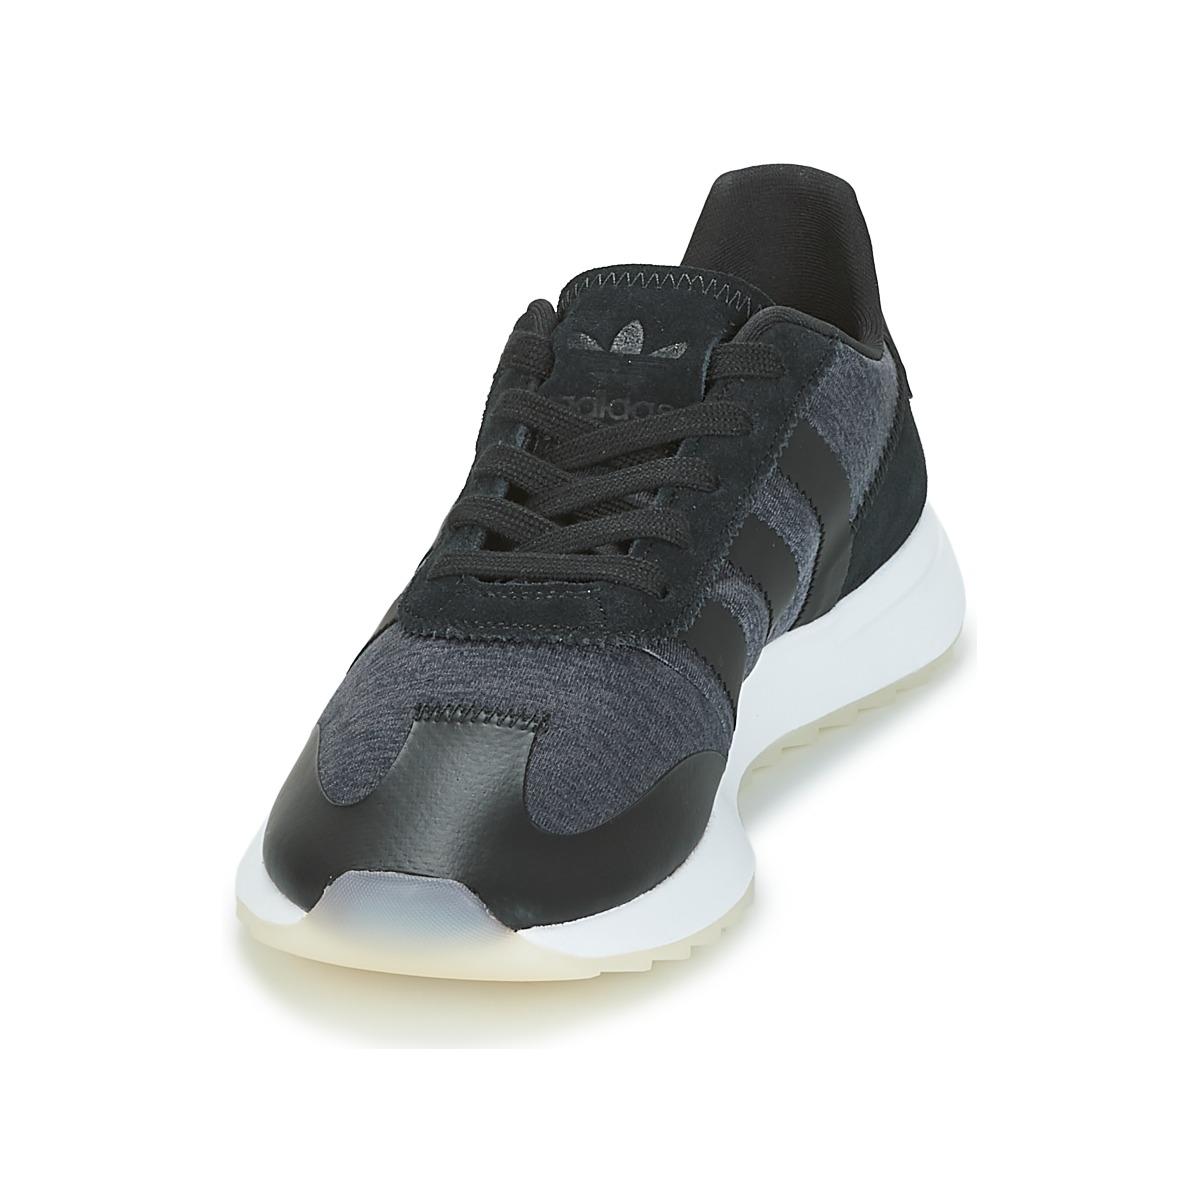 adidas scarpe donna flb